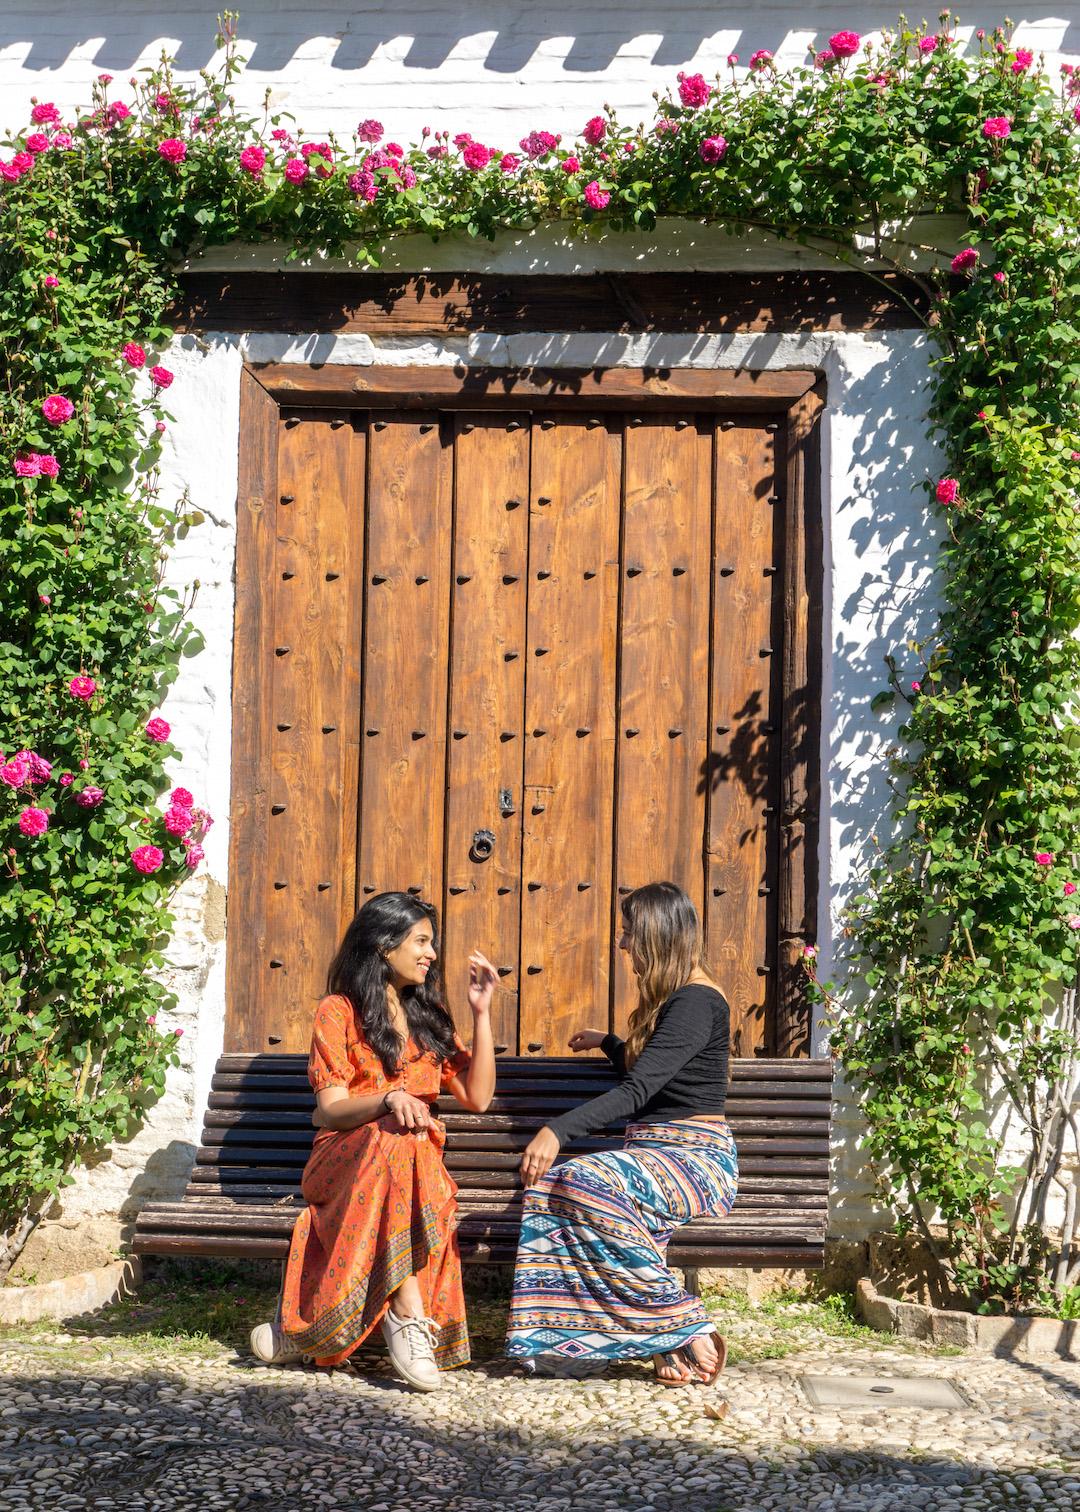 Her_Travel_Edit_Granada_Alhambra_Generalife_Garden_Door